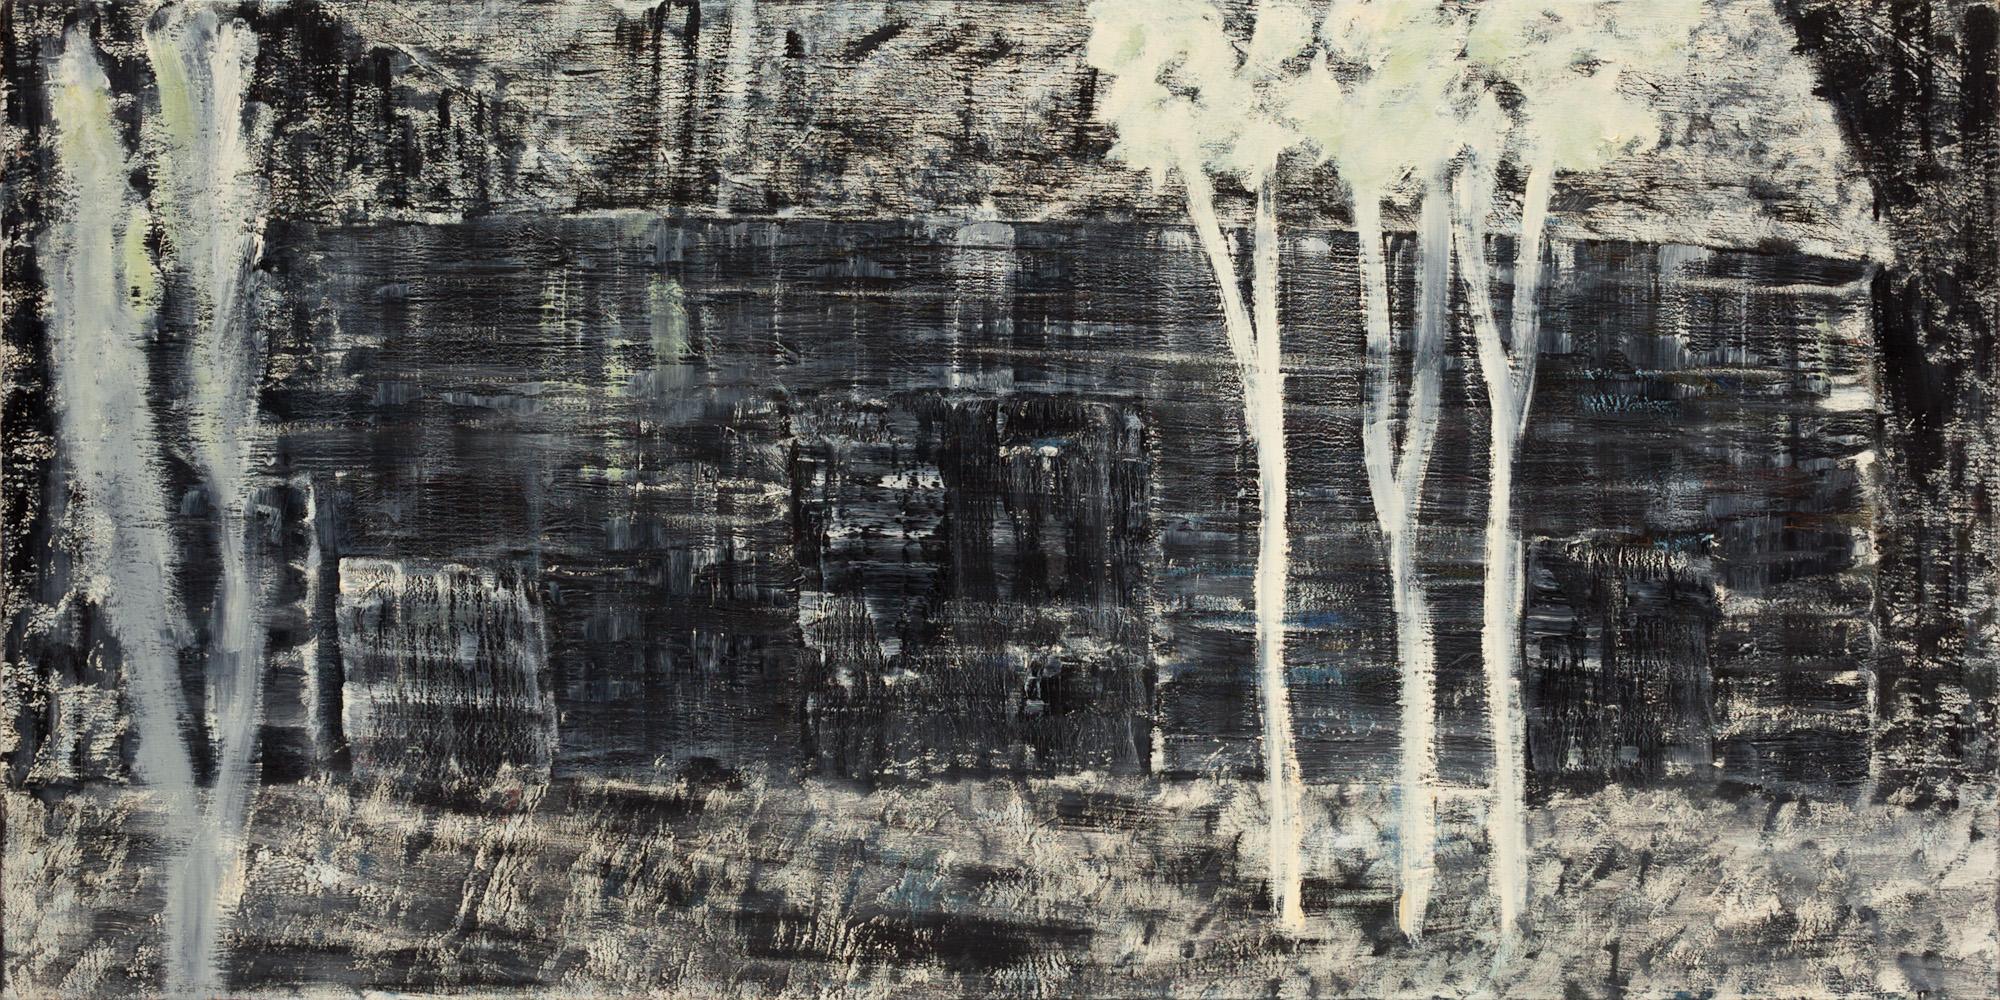 Titel onbekend (LO-05), olieverf op linnen, 200 x 100 cm, Nico Bakker